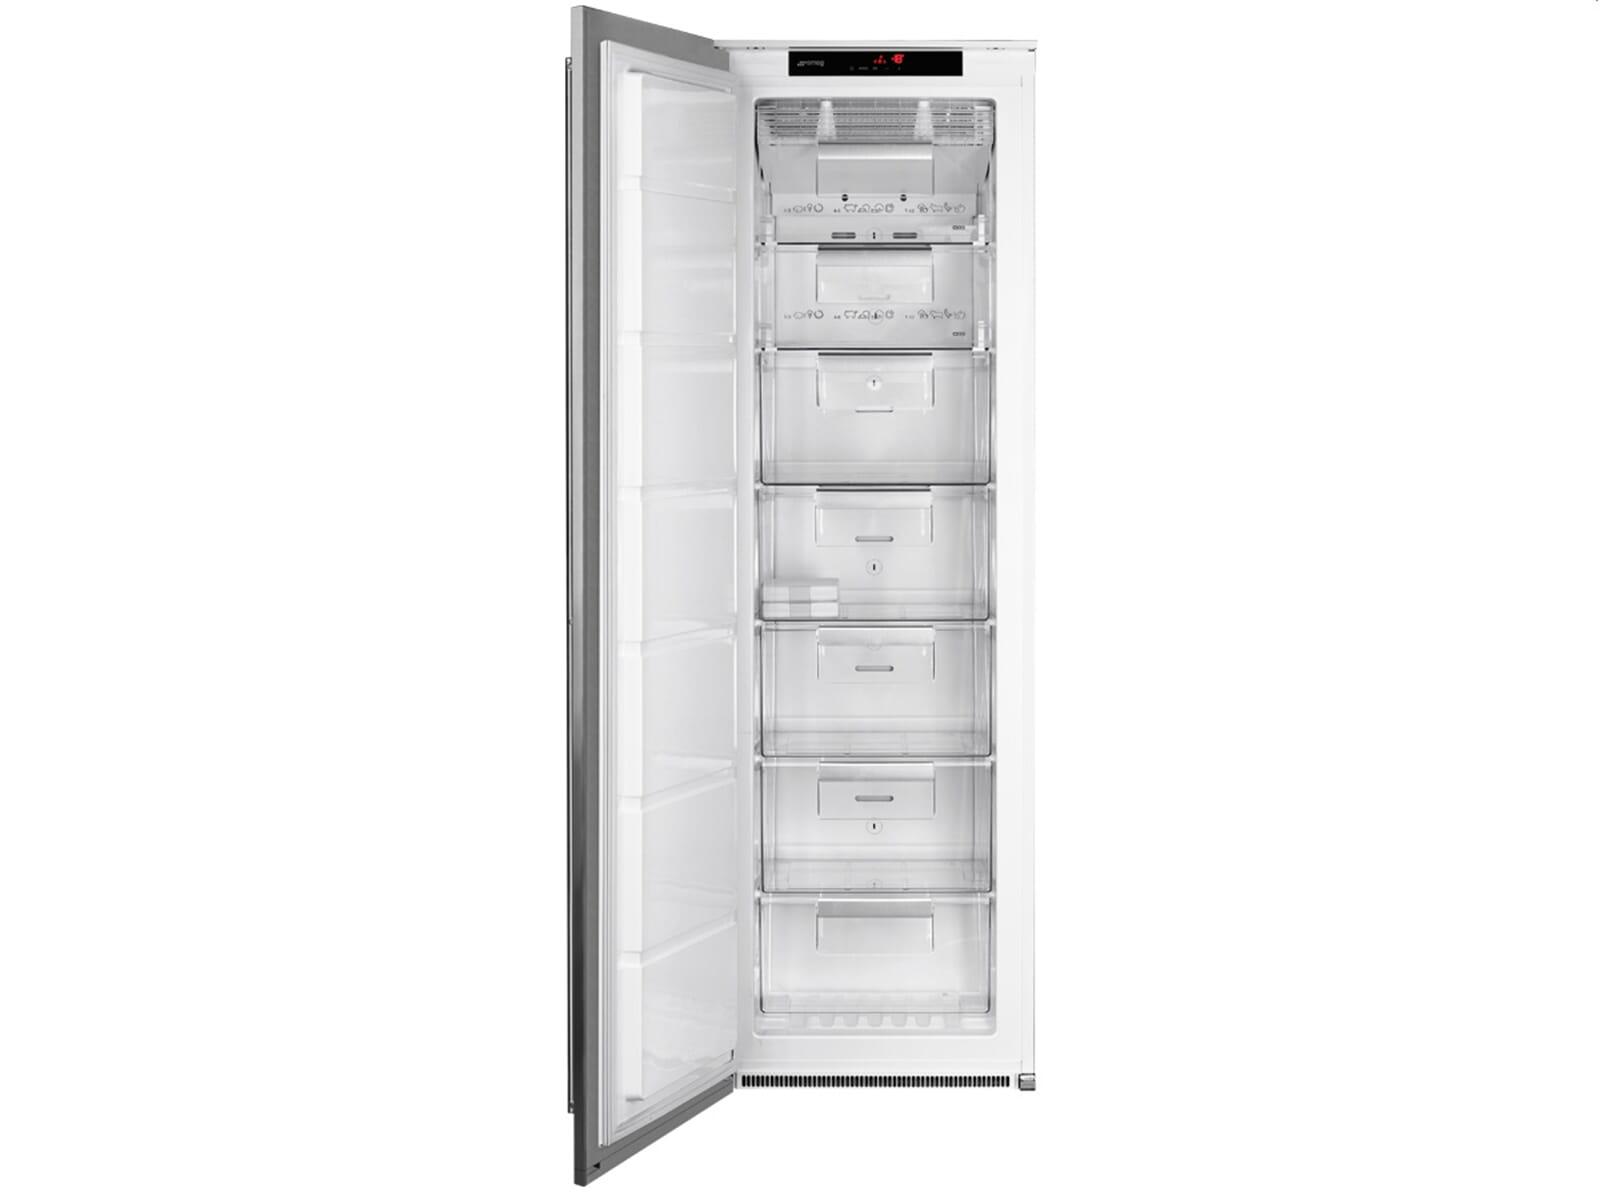 Smeg Kühlschrank 70 Cm : Smeg fi lx einbaugefrierschrank edelstahl